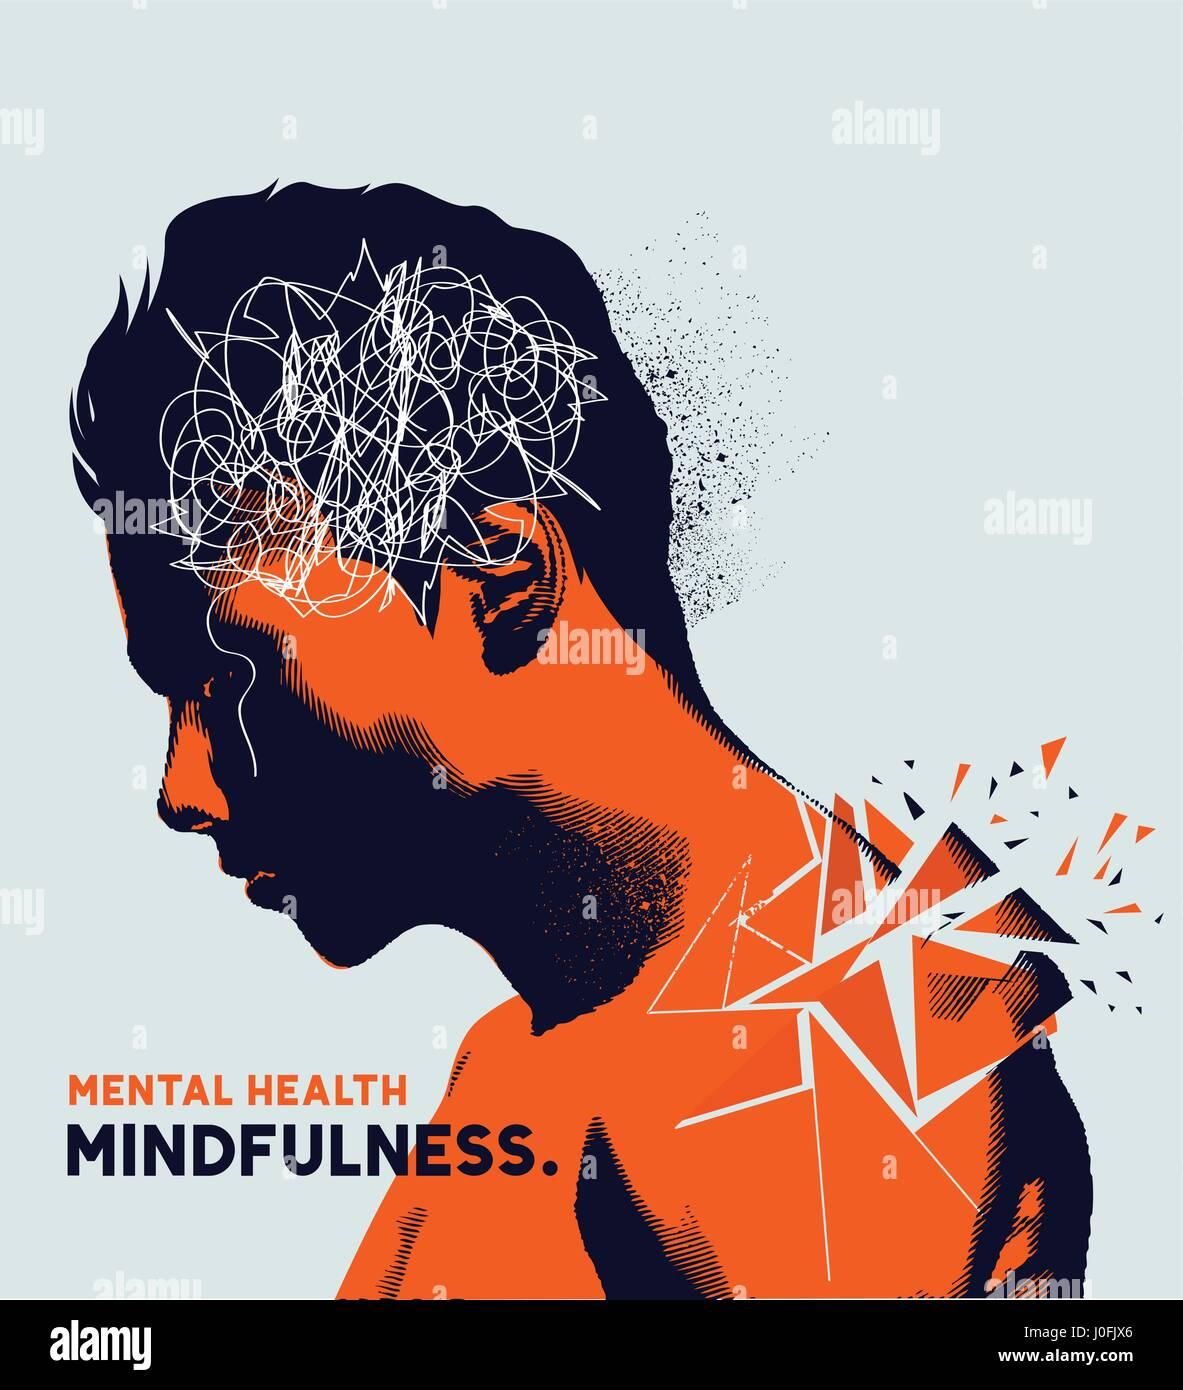 Ein Mann mit seinem Kopf gesenkt, erschütternd, mit psychischen Problemen. Angst, Depression und Achtsamkeit Stockbild